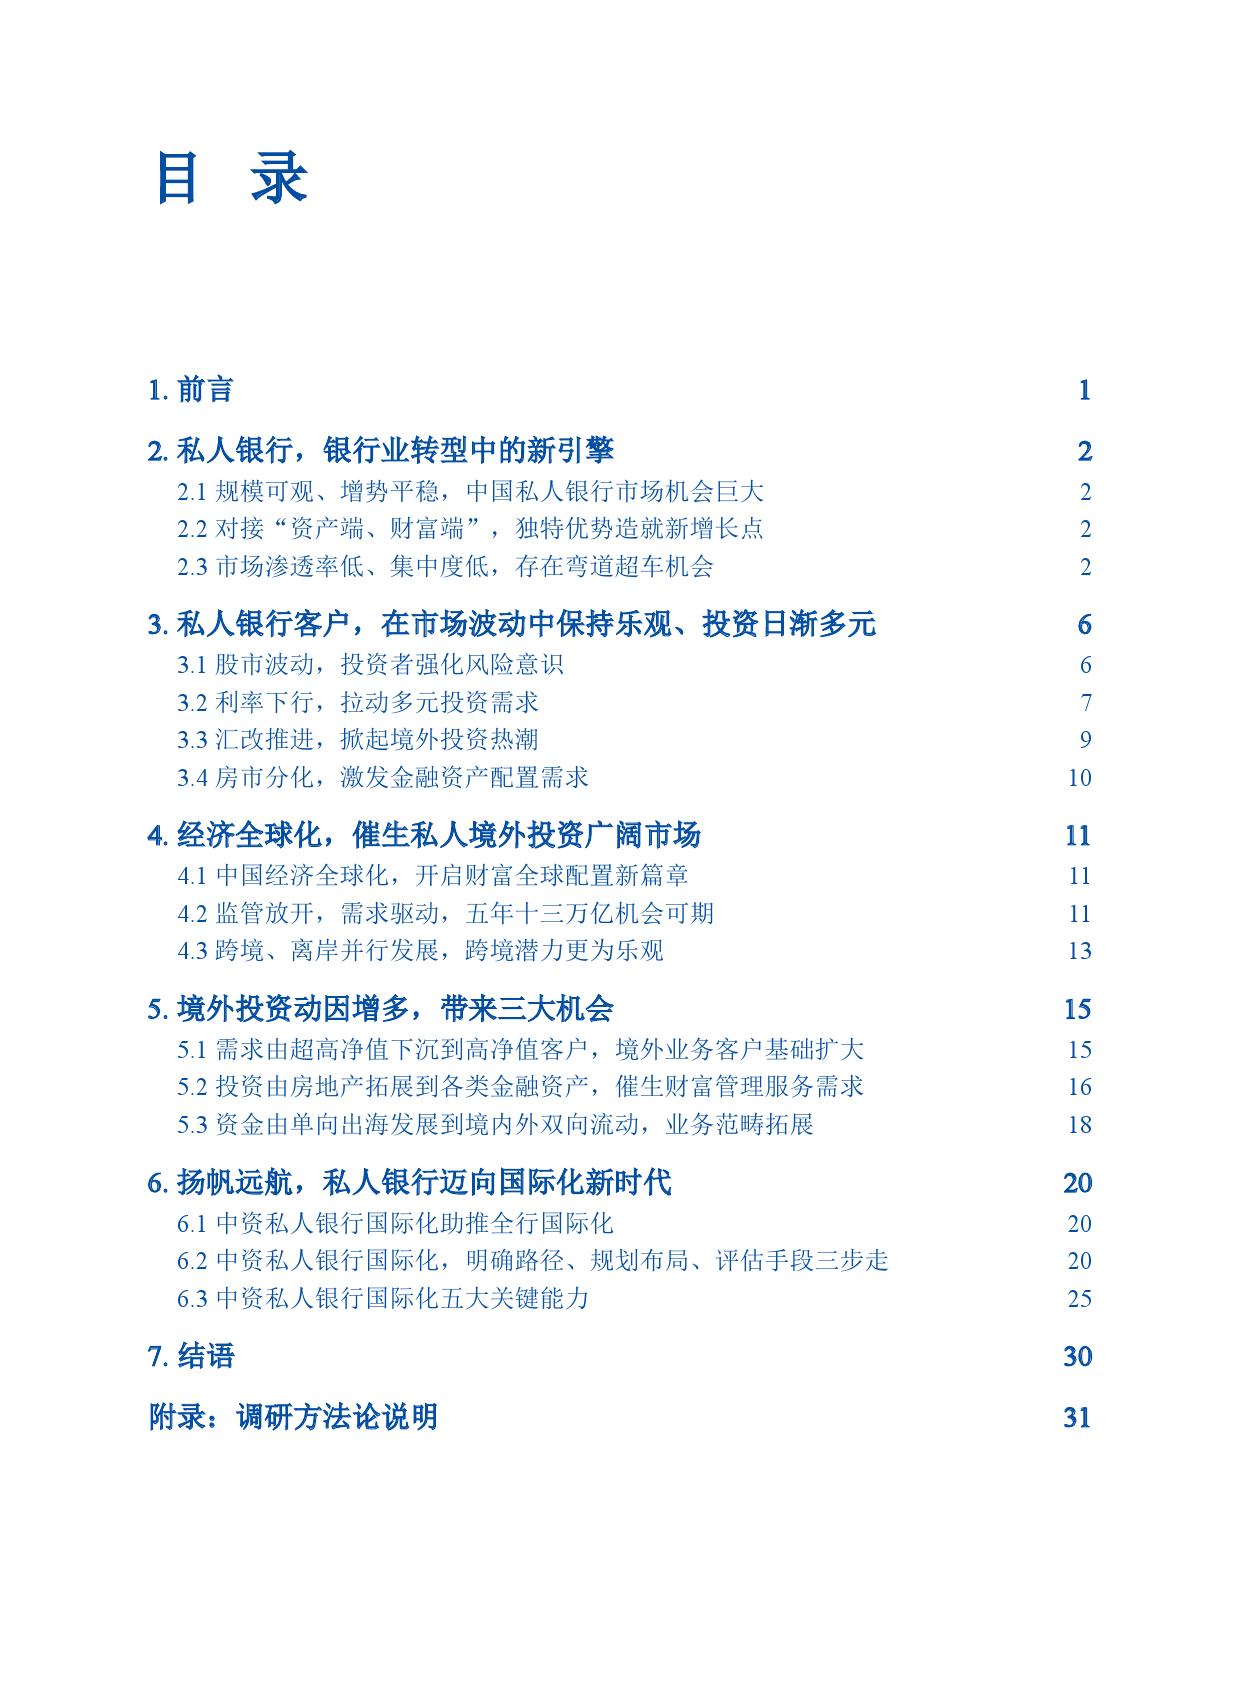 中国私人银行2016逆势增长、全球配置_000002